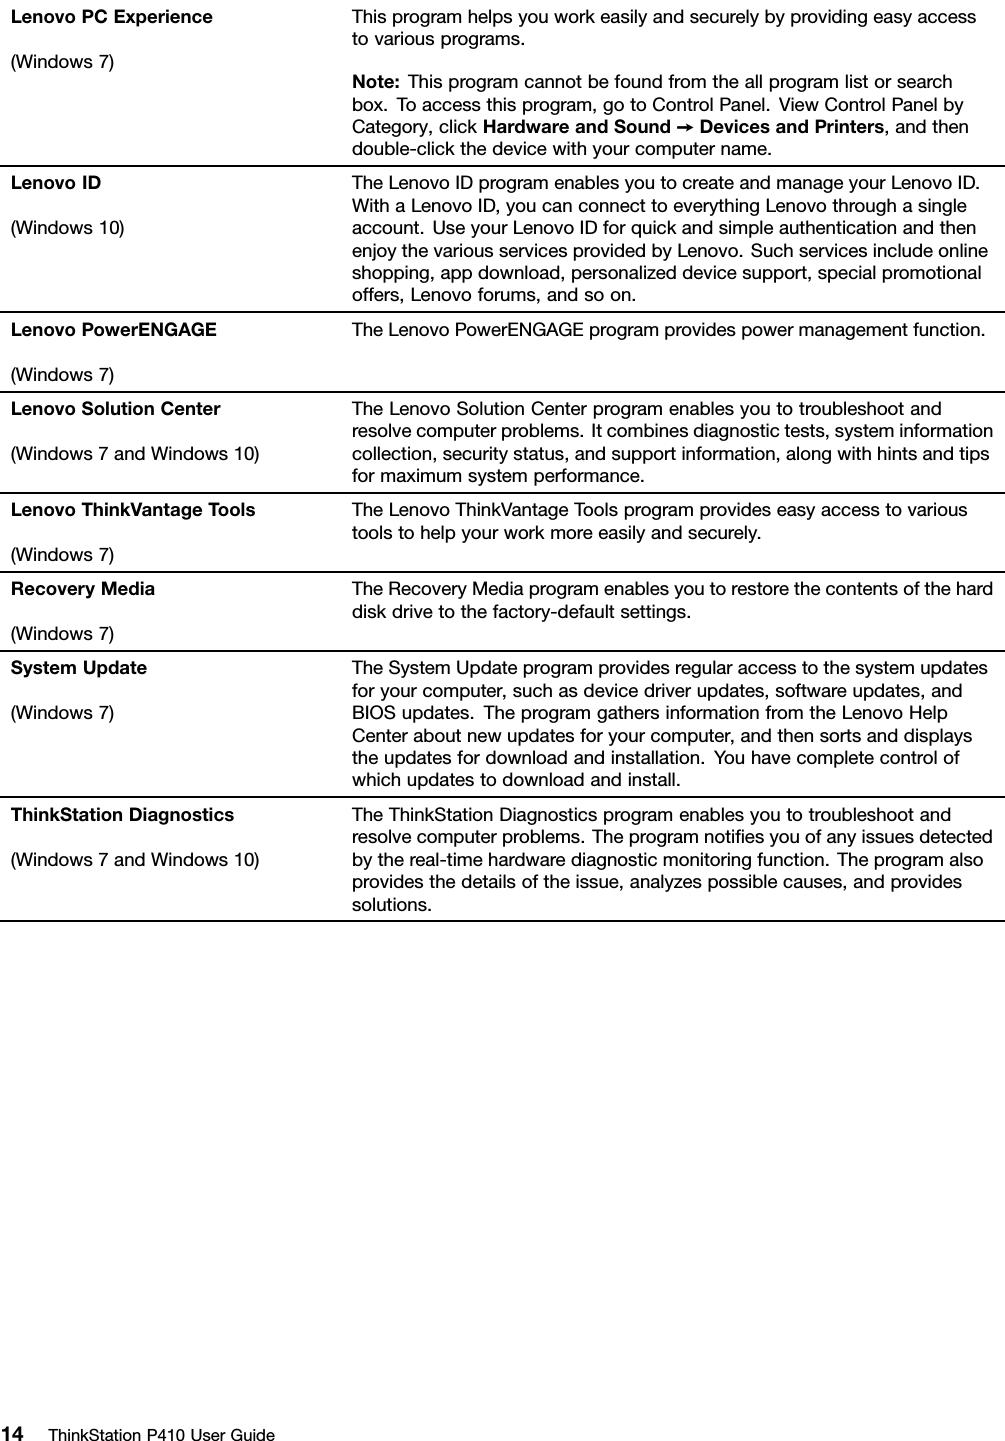 Lenovo P410 Ug En User Manual (English) Guide (Tower Form